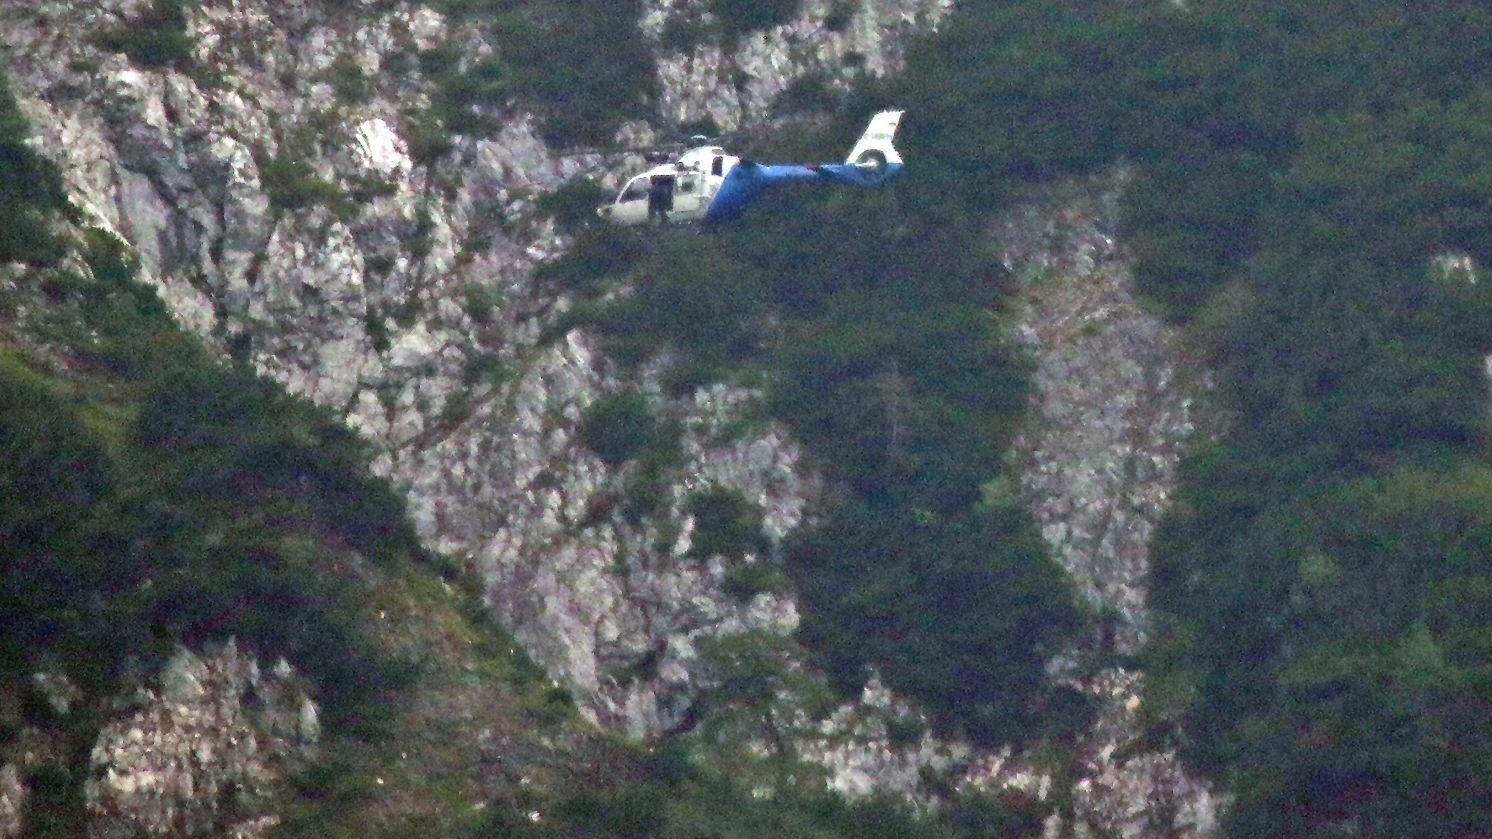 Der Münchner Polizeihubschrauber im Anflug auf den Pidinger Klettersteig